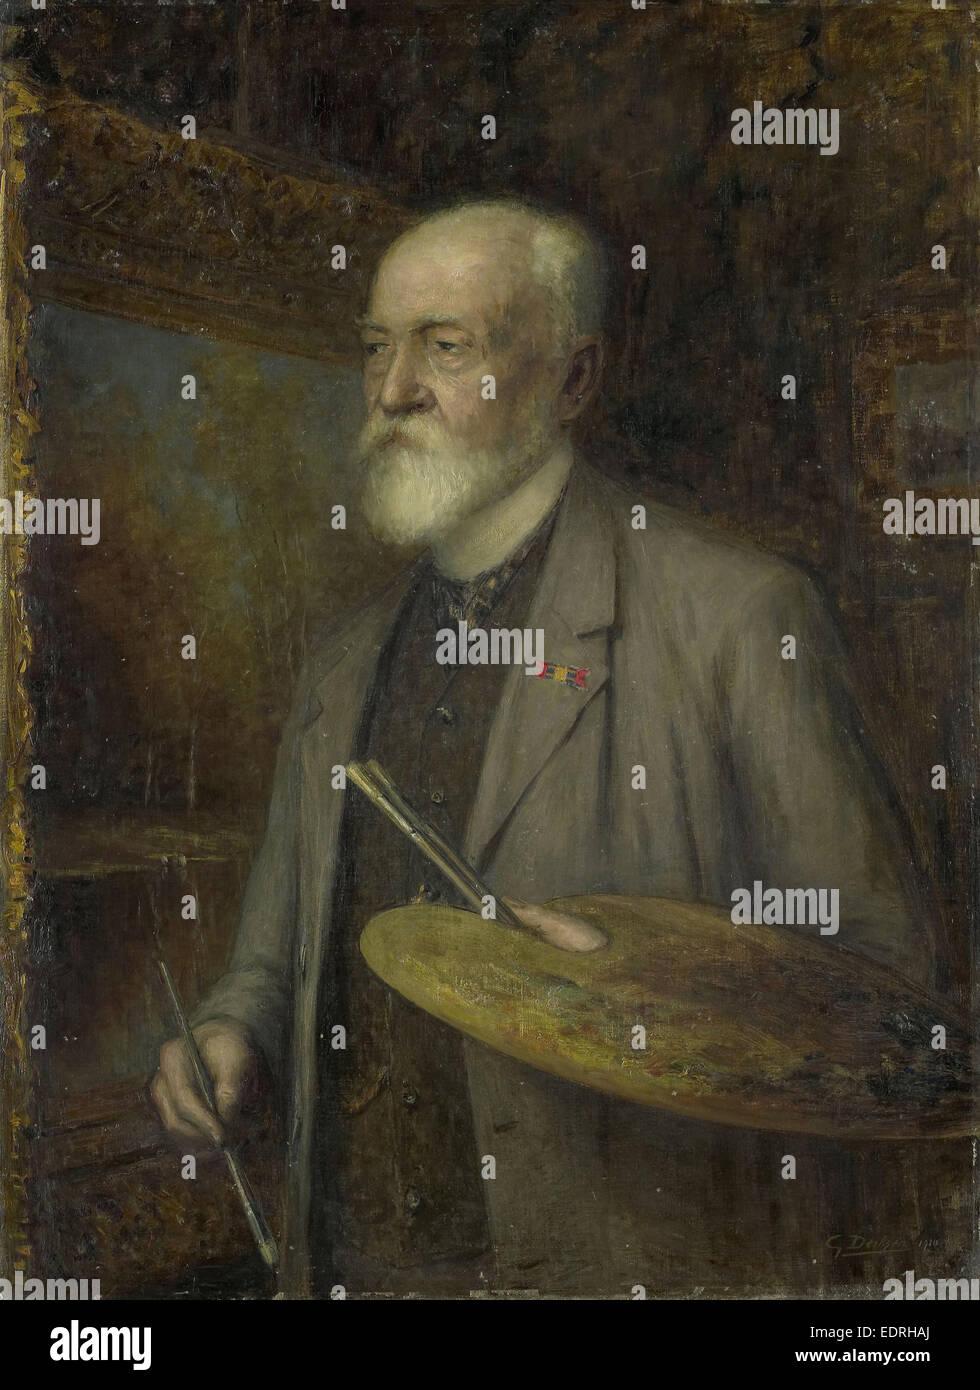 Johannes Gijsbert Vogel (1828-1915). painter, Gijsbertus Derksen, 1910 - Stock Image